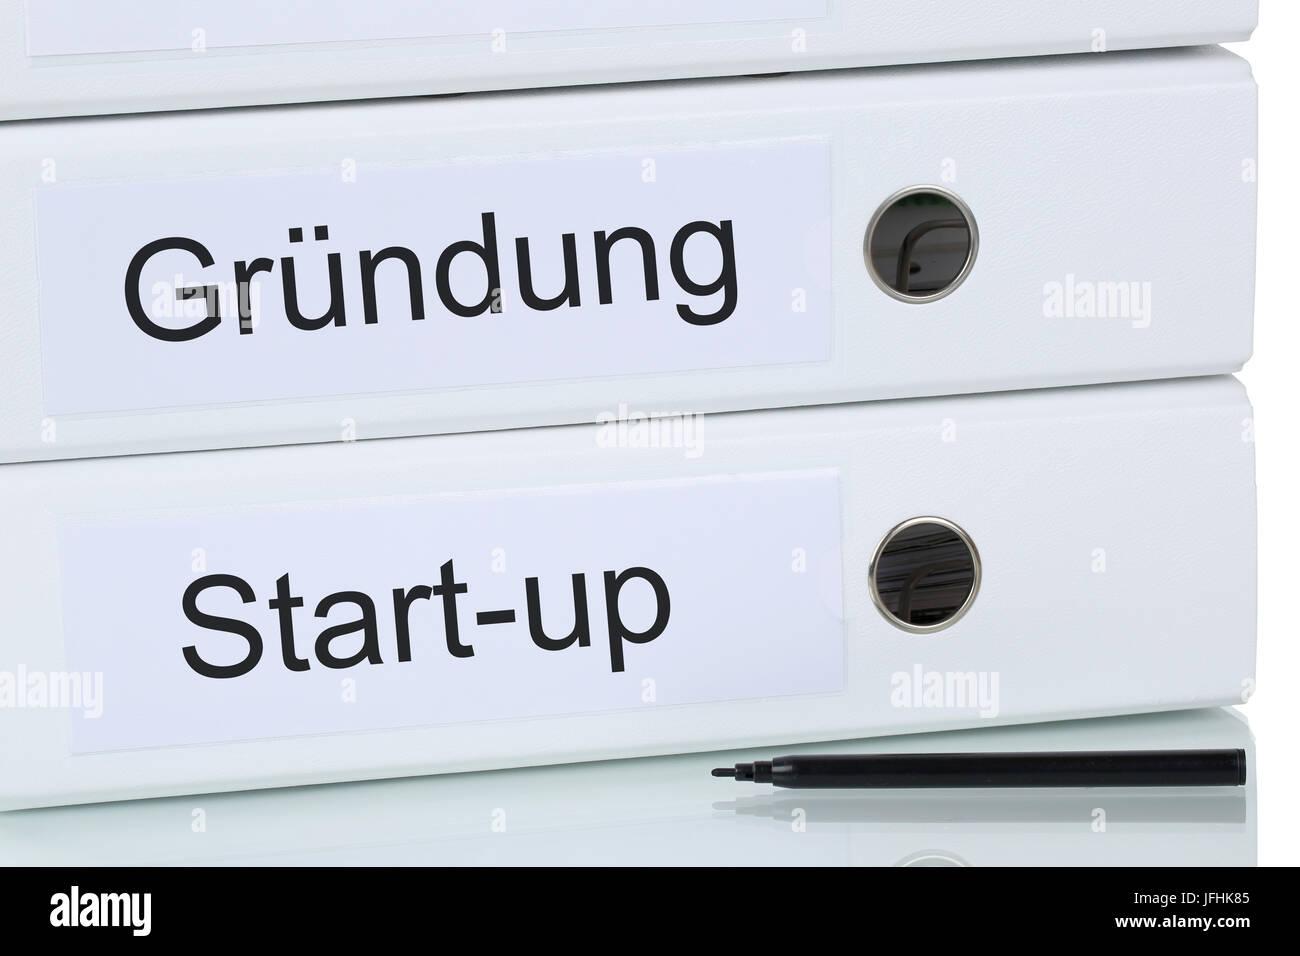 Gründung einer Firma oder Start-up Unternehmen Business Konzept - Stock Image